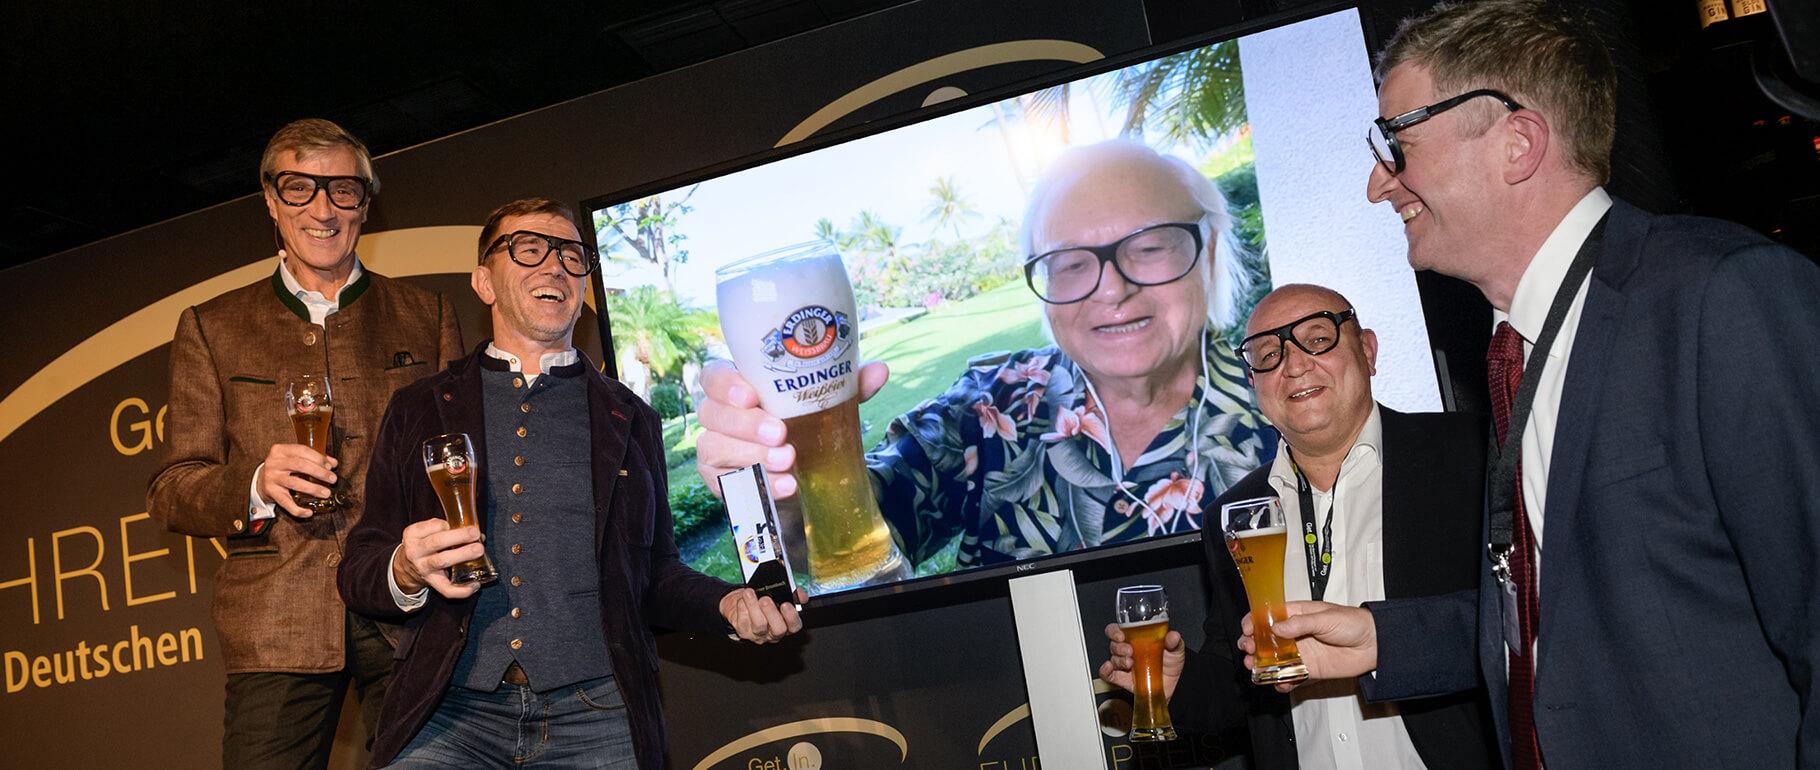 Ehrenpreis der Deutschen Getränkebranche 2019